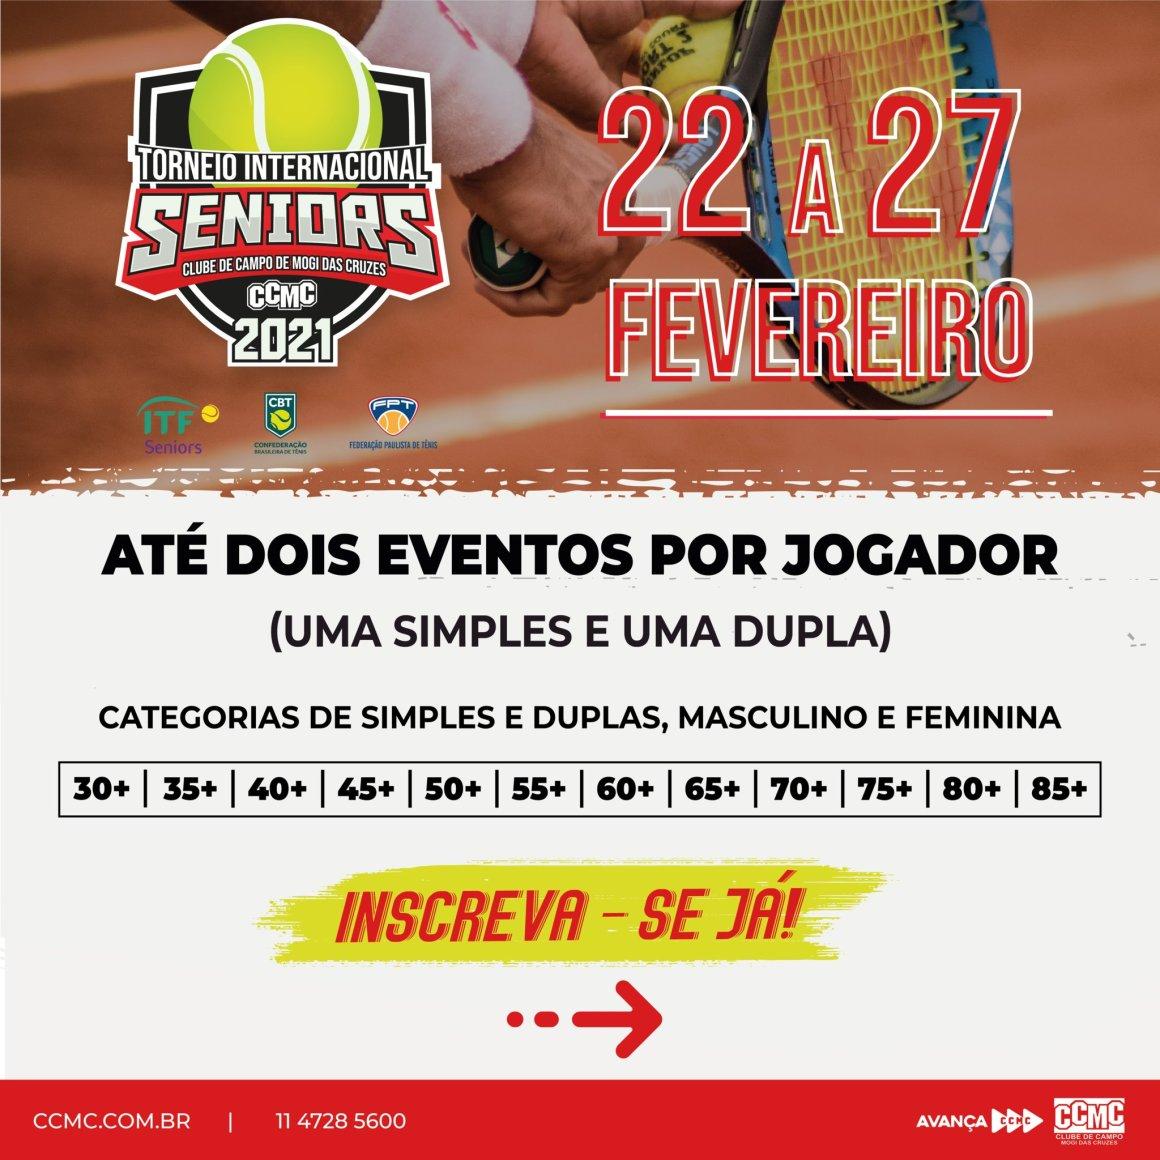 ITF SENIORS – CLUBE DE CAMPO DE MOGI DAS CRUZES